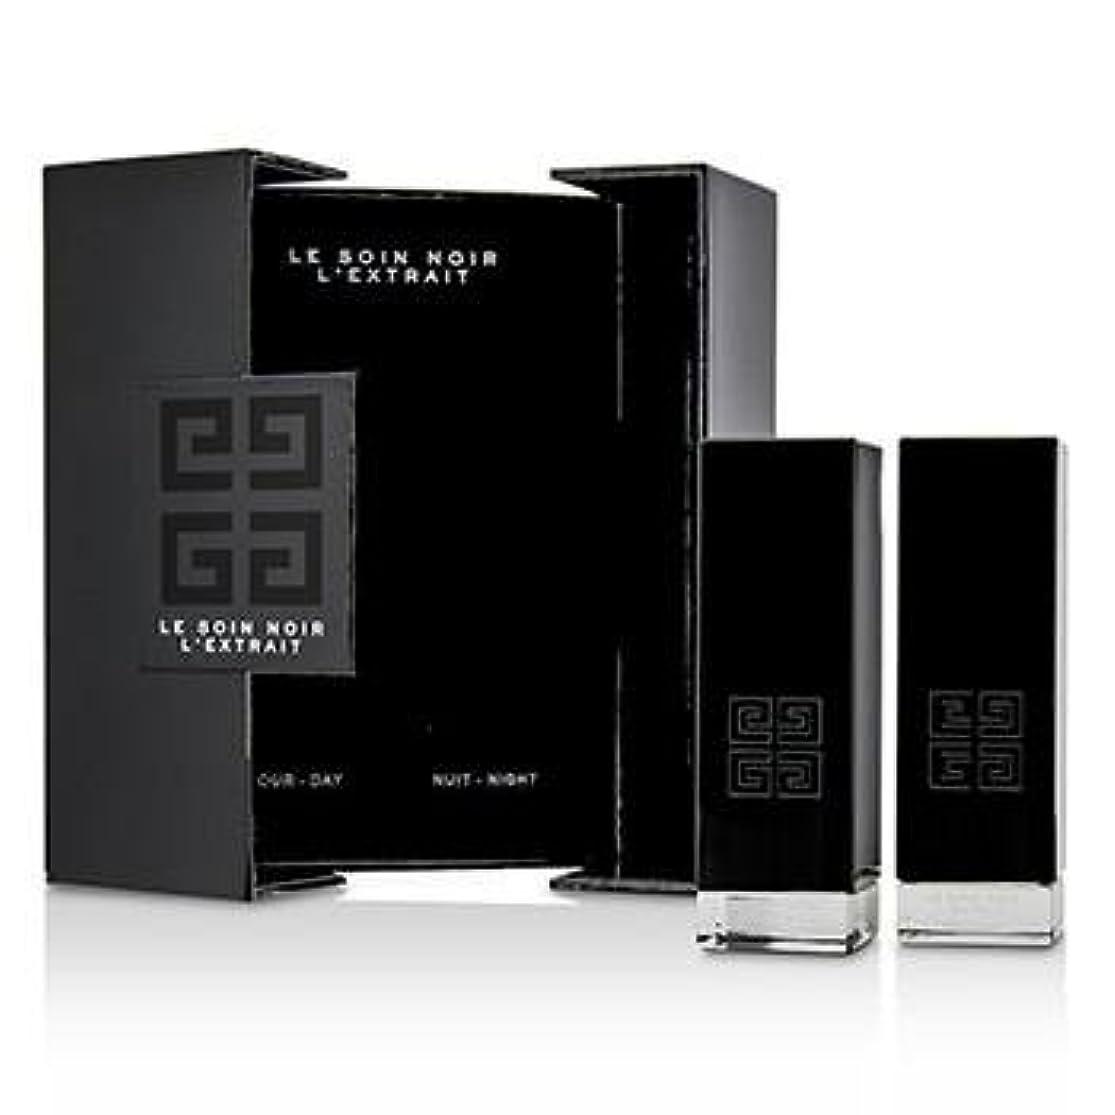 許可する作曲する変更可能ジバンシィ Le Soin Noir L'Extrait: L'Extrait Day Serum 15ml/0.5oz + L'Extrait Night Serum 15ml/0.5oz 2pcs並行輸入品